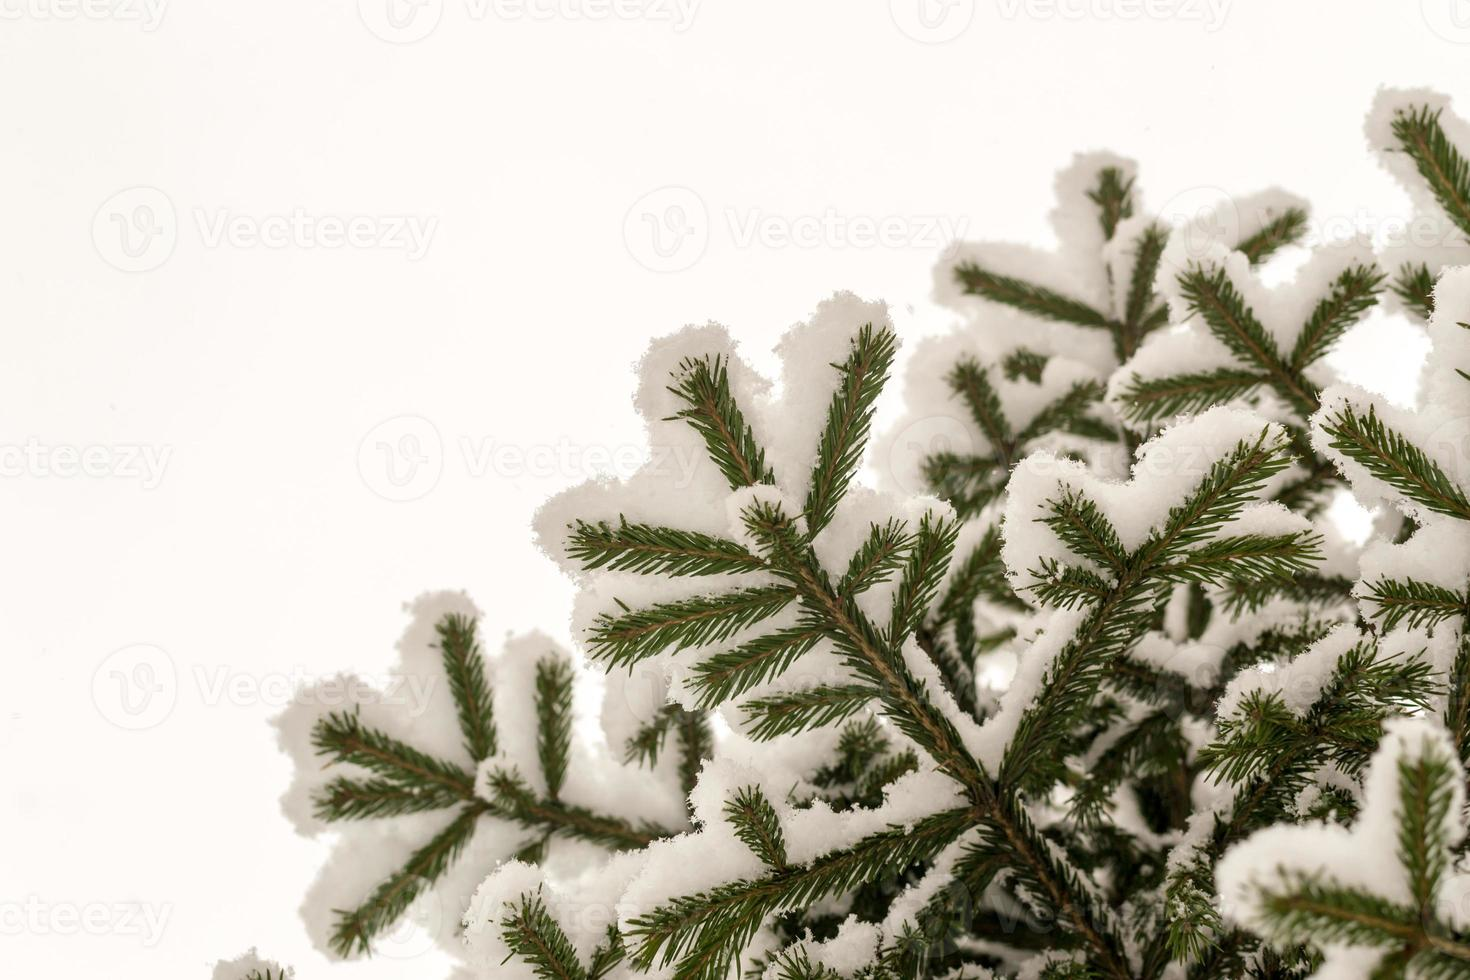 frischer Neuschnee auf Zweigen einer Kiefer foto